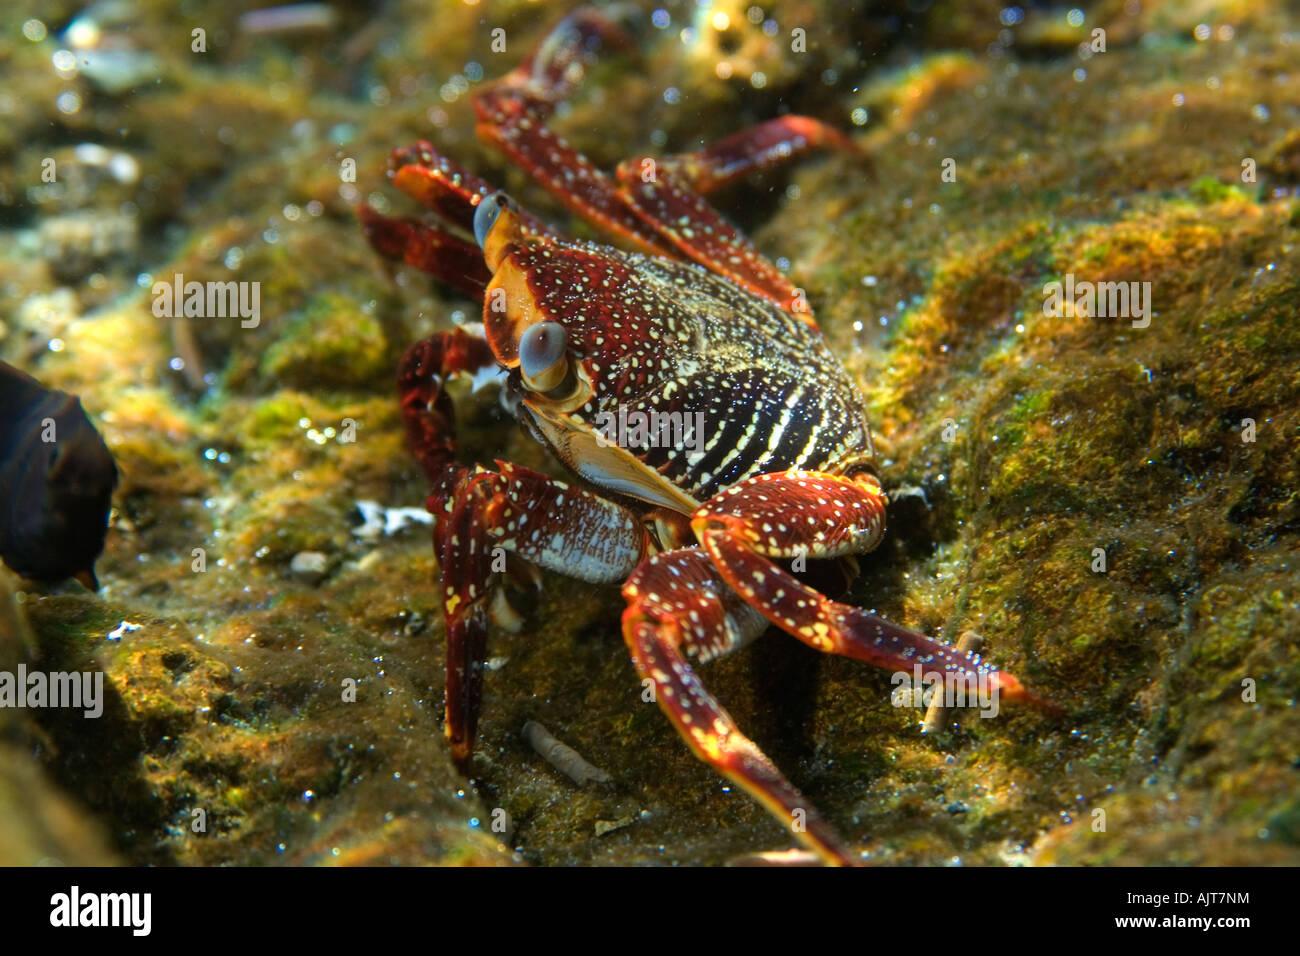 Cangrejo Grapsus grapsus de roca roja de San Pedro y san Pablo, Brasil rocas Océano Atlántico Foto de stock